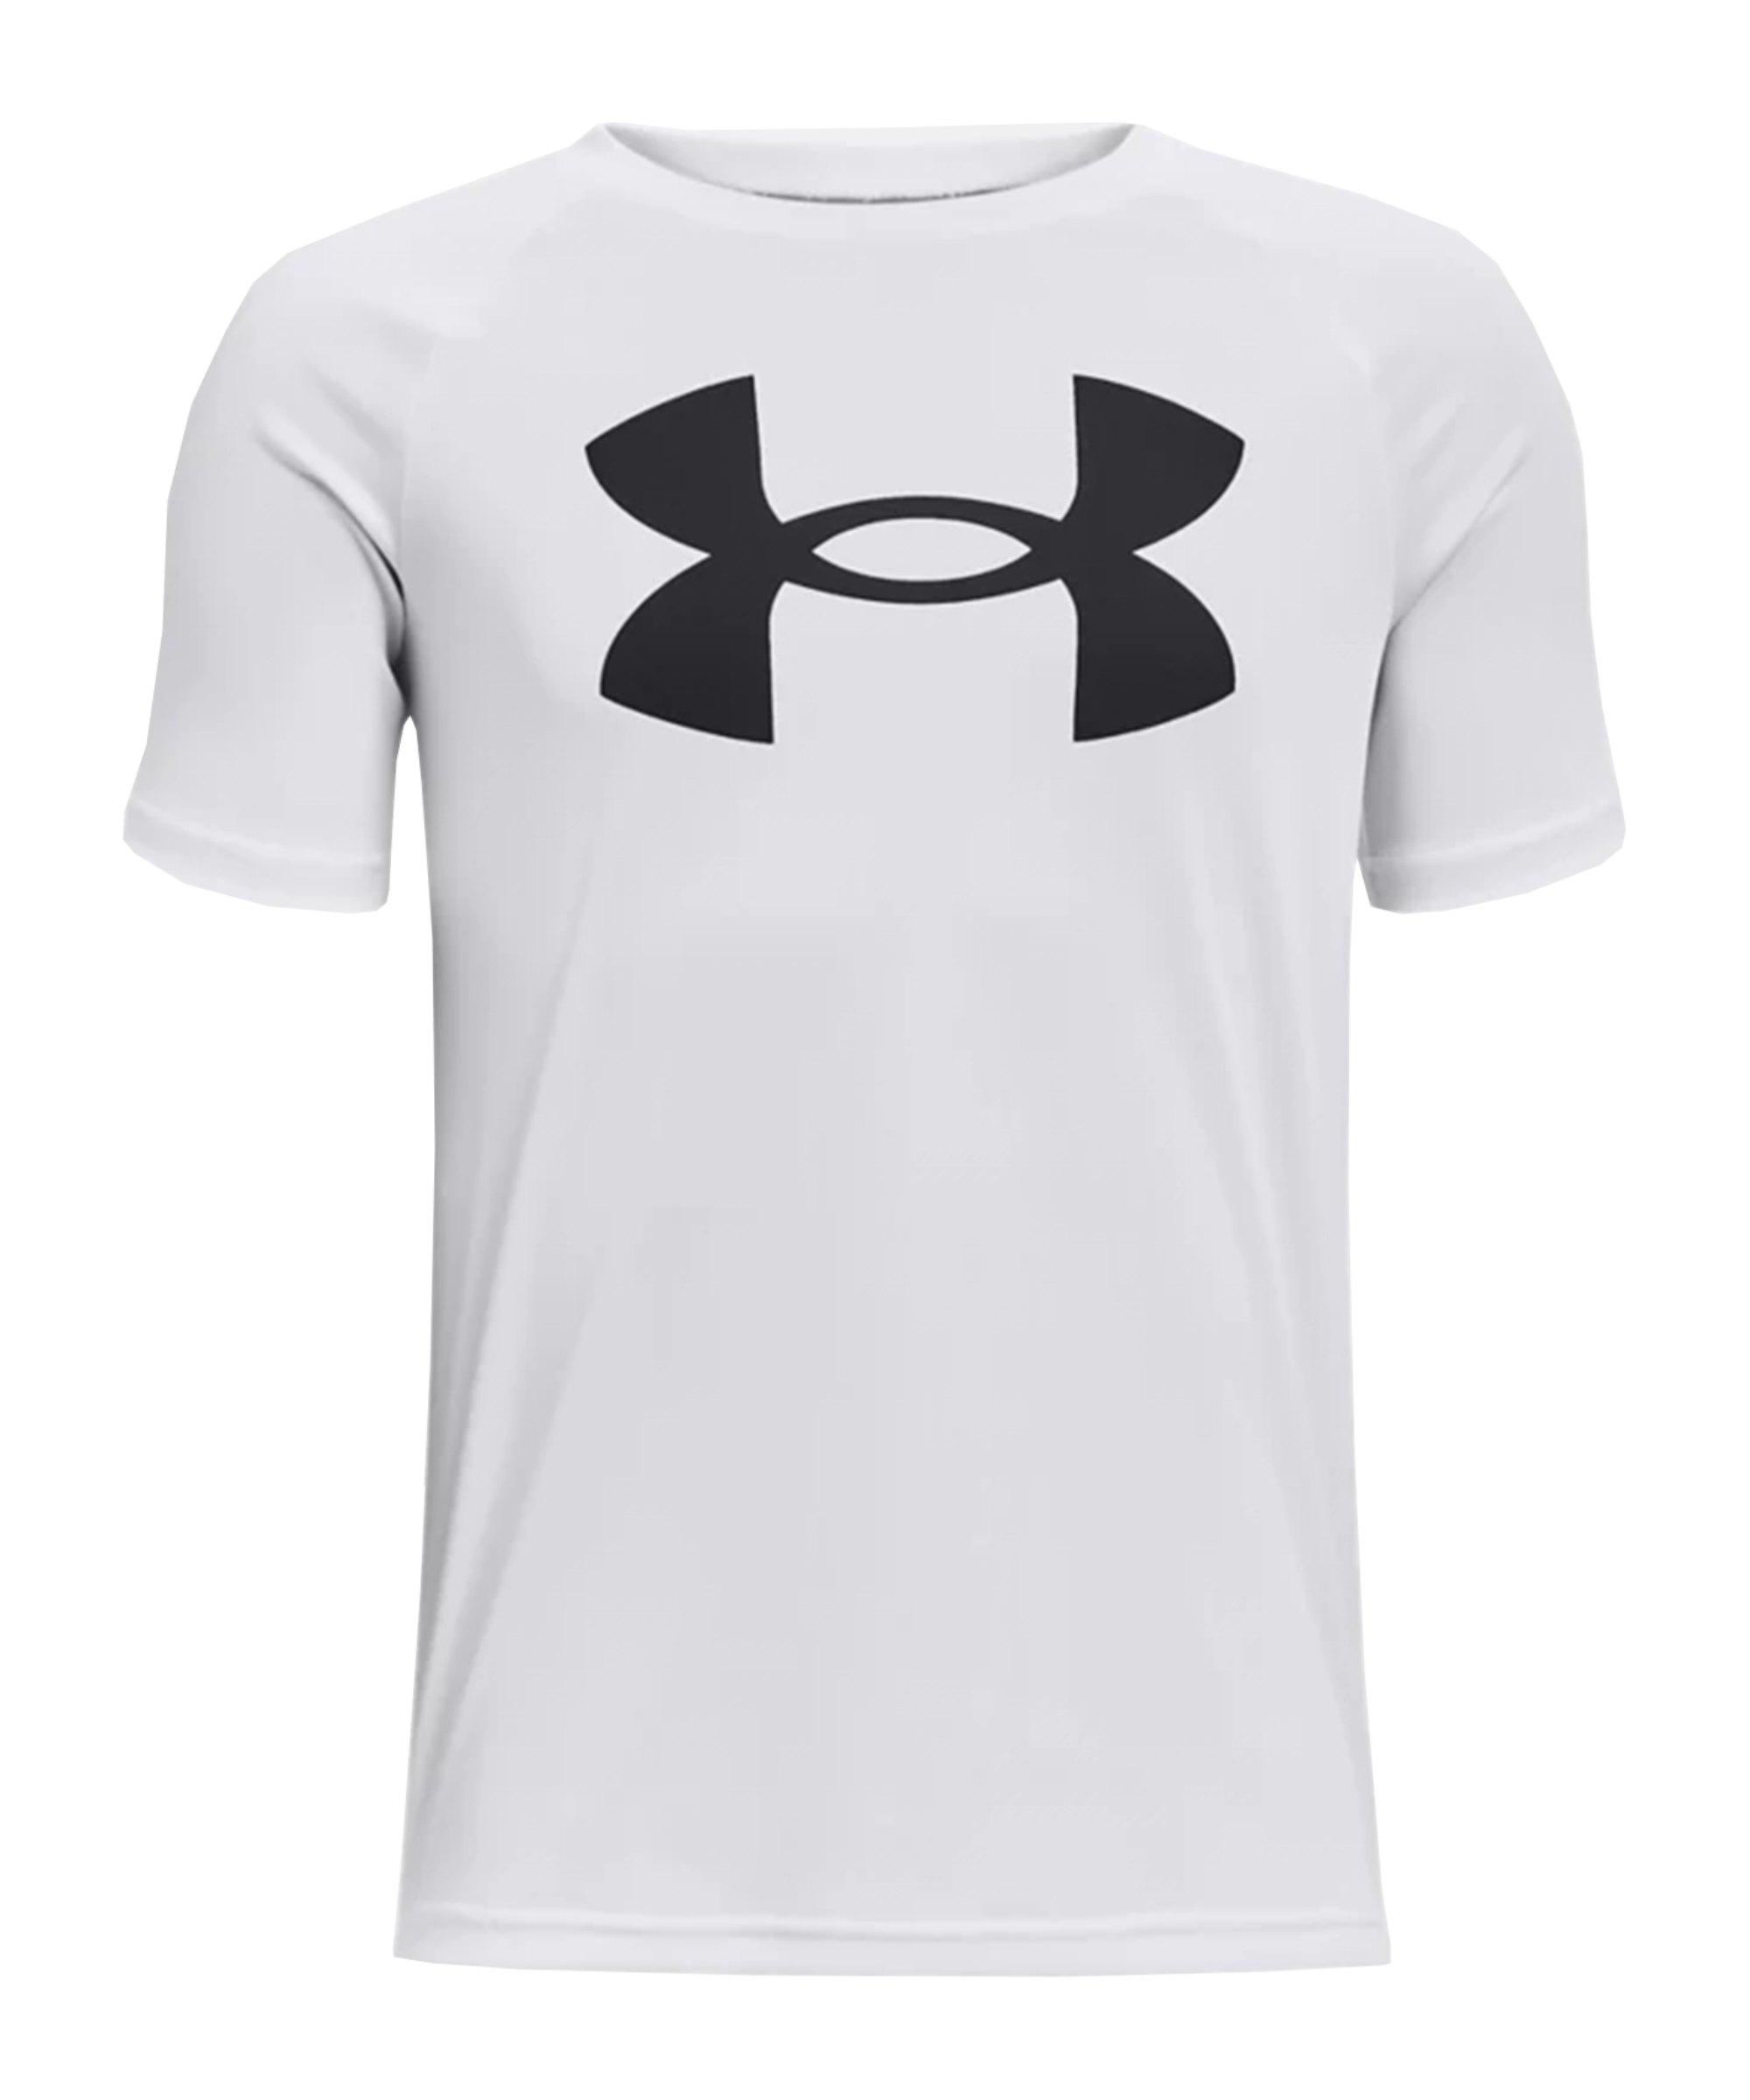 Under Armour Tech Big Logo T-Shirt Kids Weiss F100 - weiss